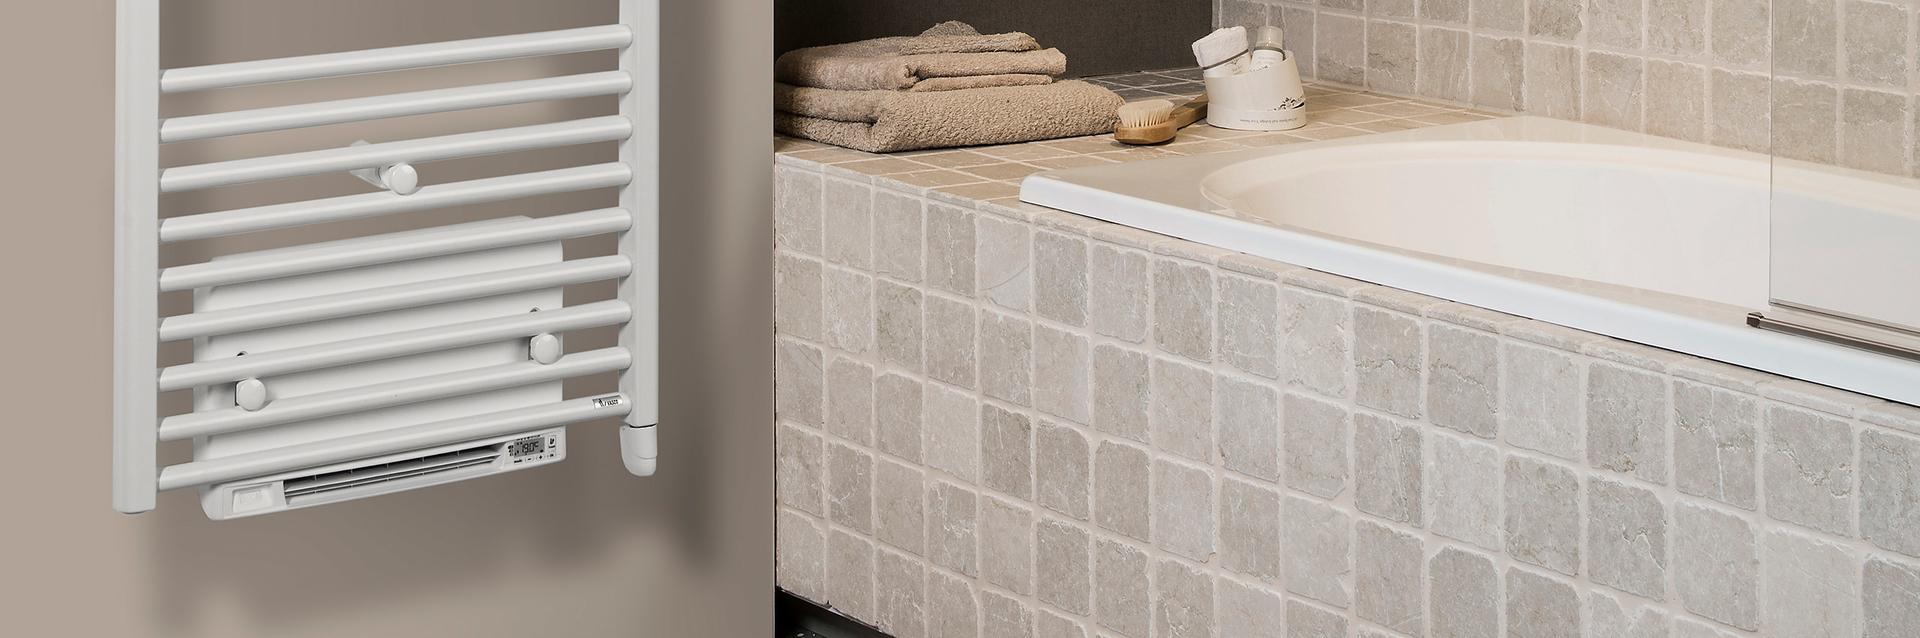 Elektrische verwarming - elegante design radiator